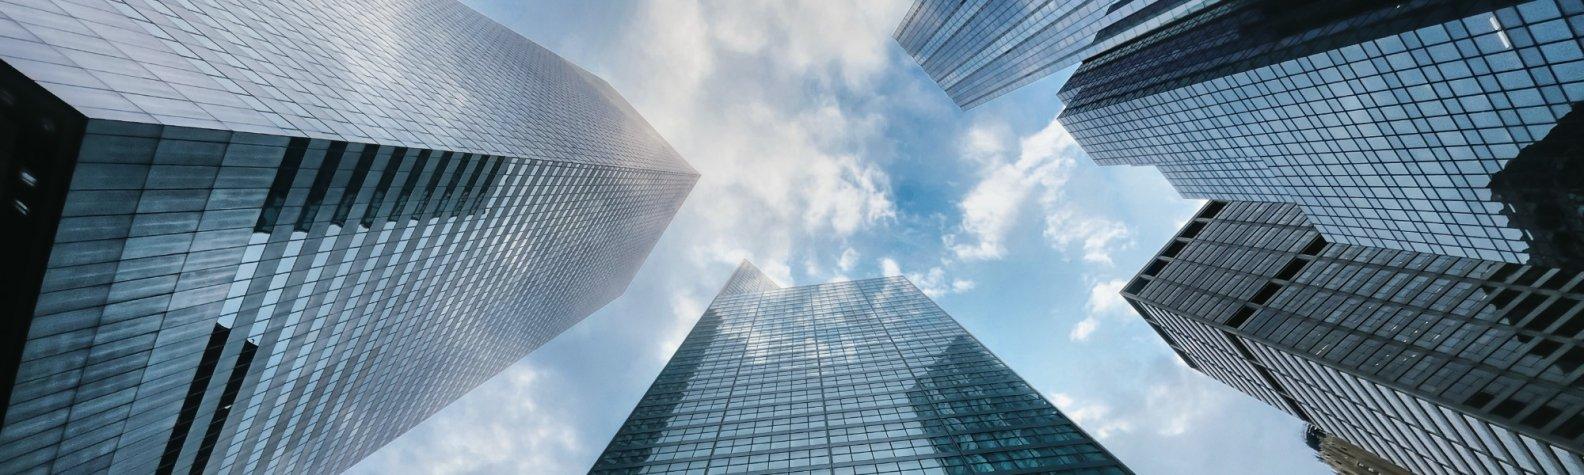 NextNav Pinnacle and Partnerships – Elevating the World